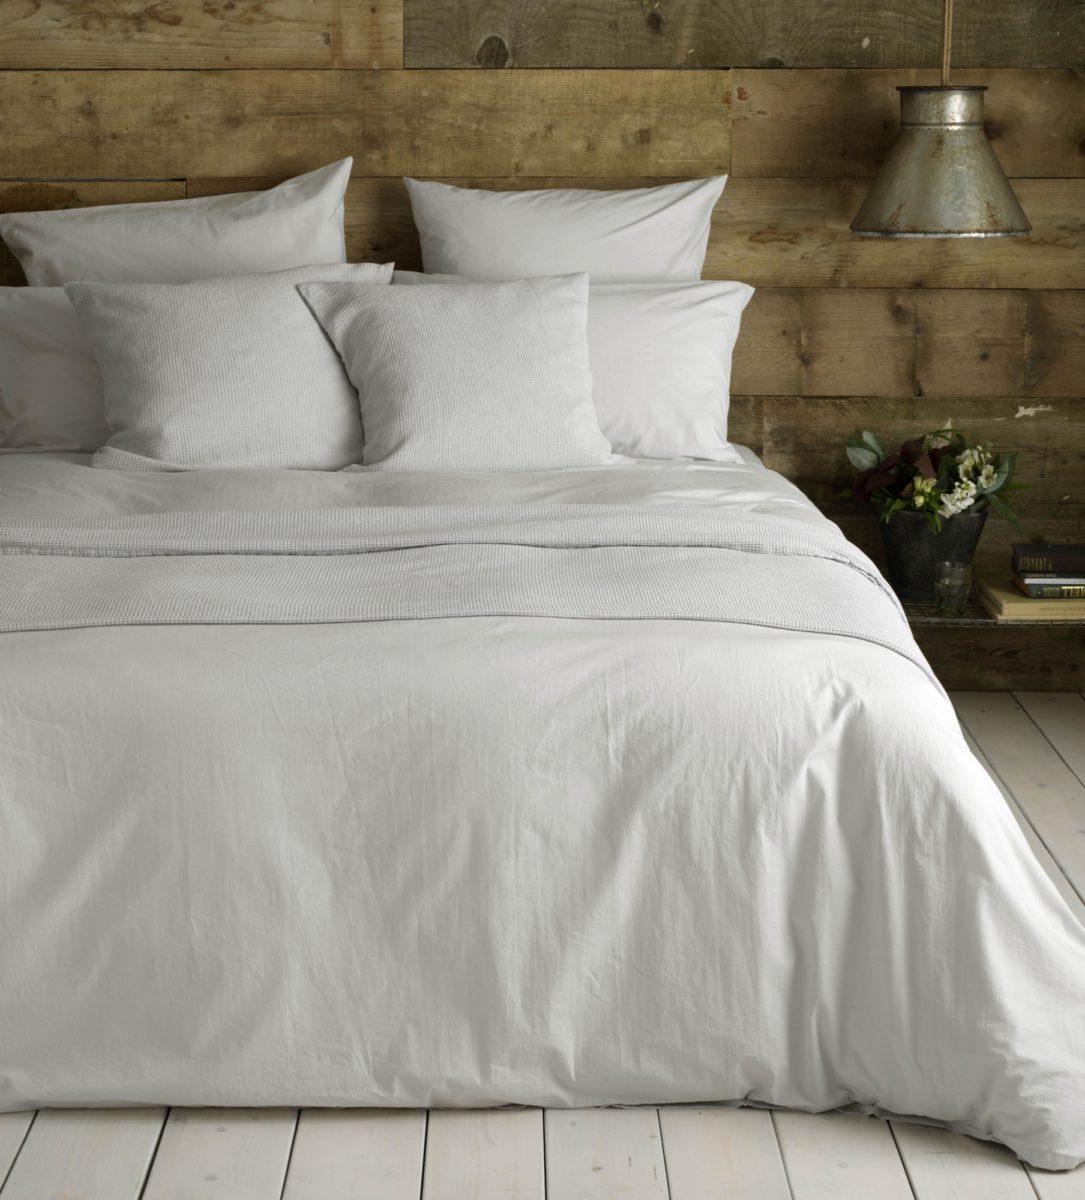 Washed Cotton Percale Light Grey Duvet Cover Secret Linen Store